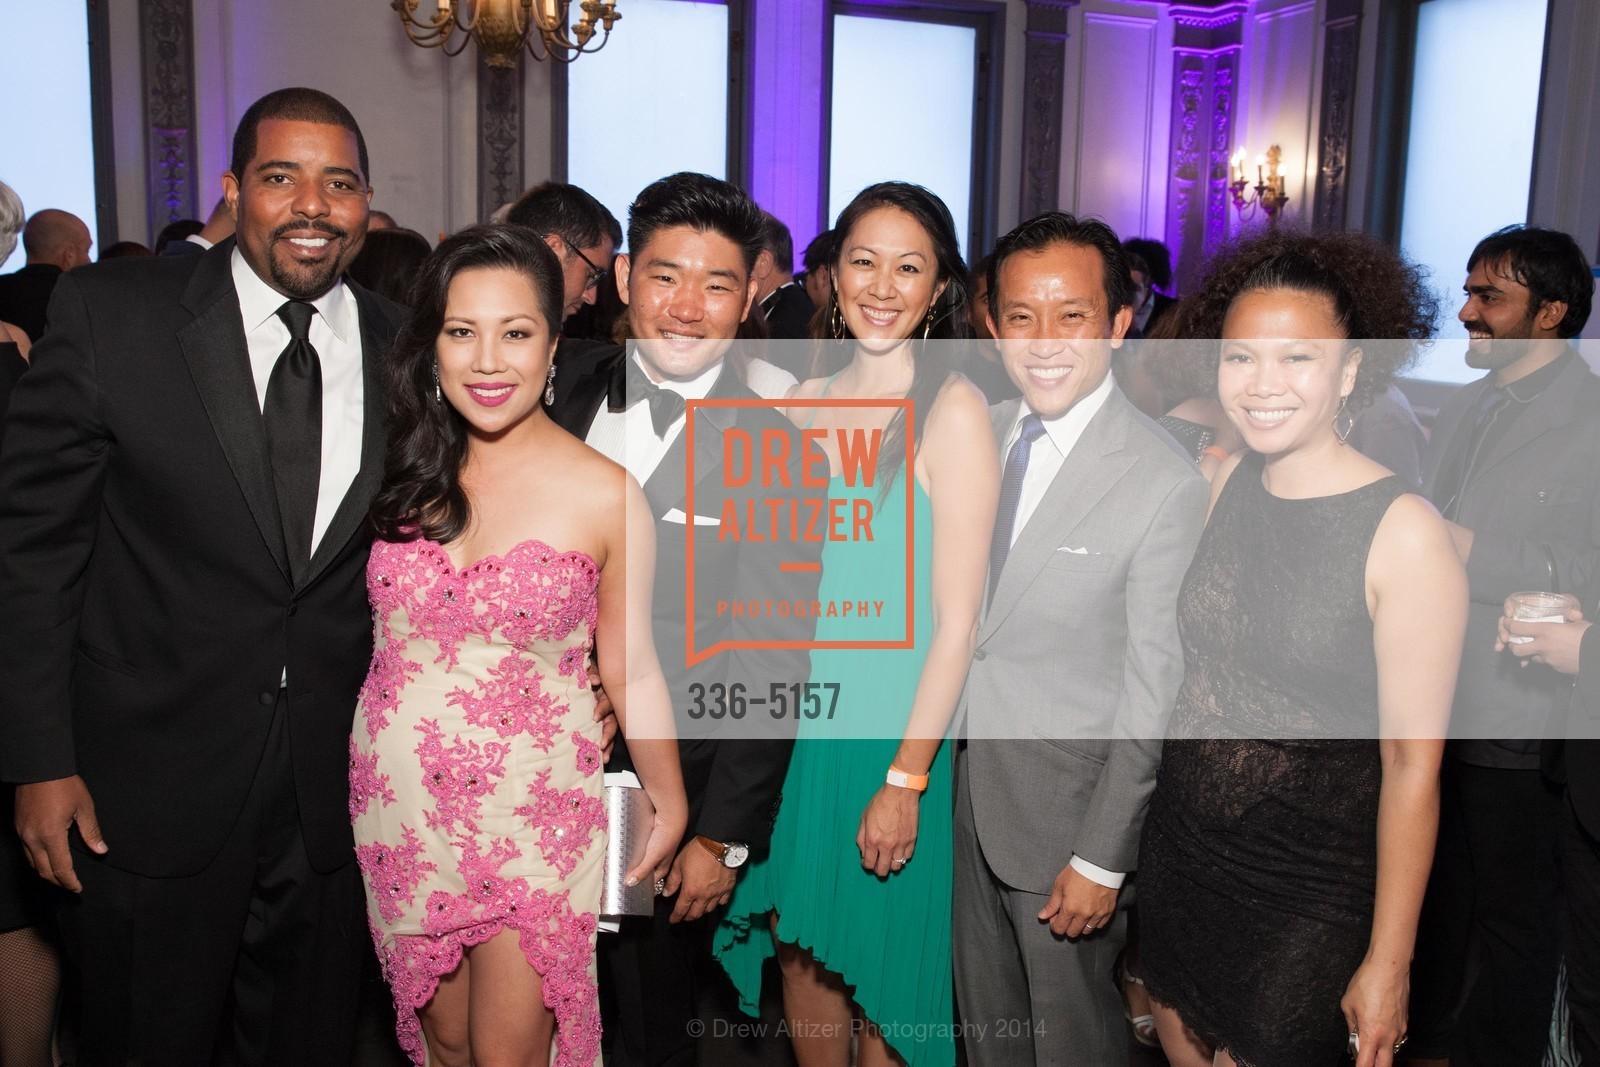 Leon Gilmore, Keesa Ocampo, Mike Kim, Candace Chen, David Chiu, Dori Caminong, Photo #336-5157